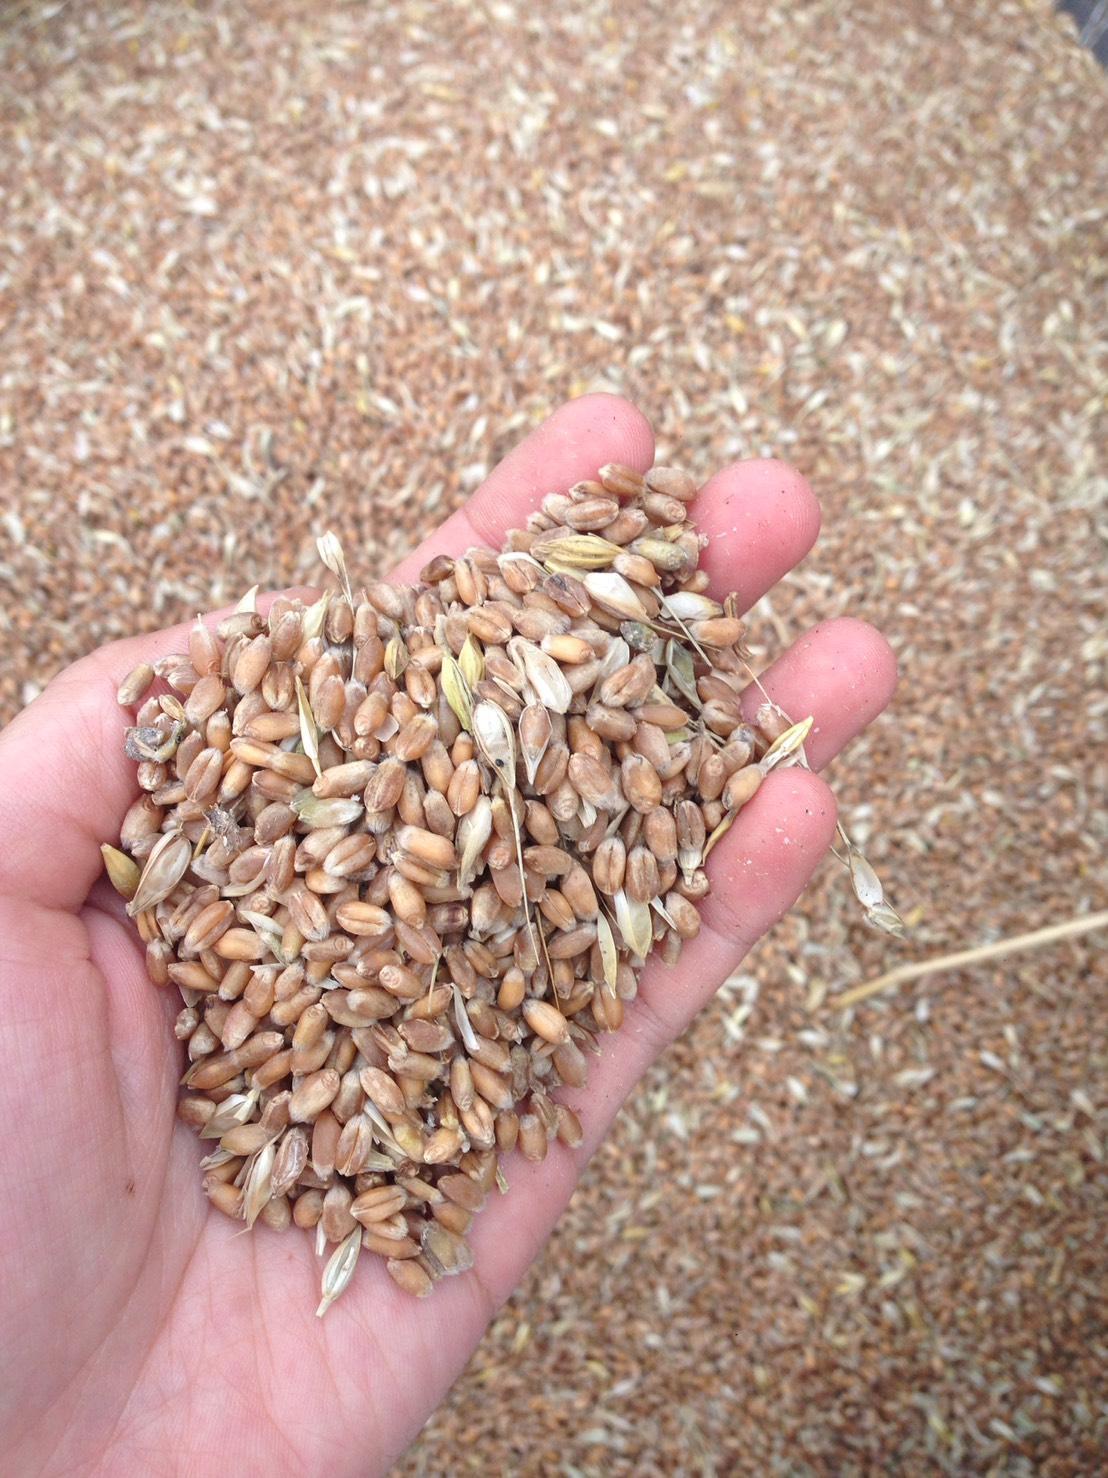 剛採收起來,還未整理過的新鮮小麥粒。